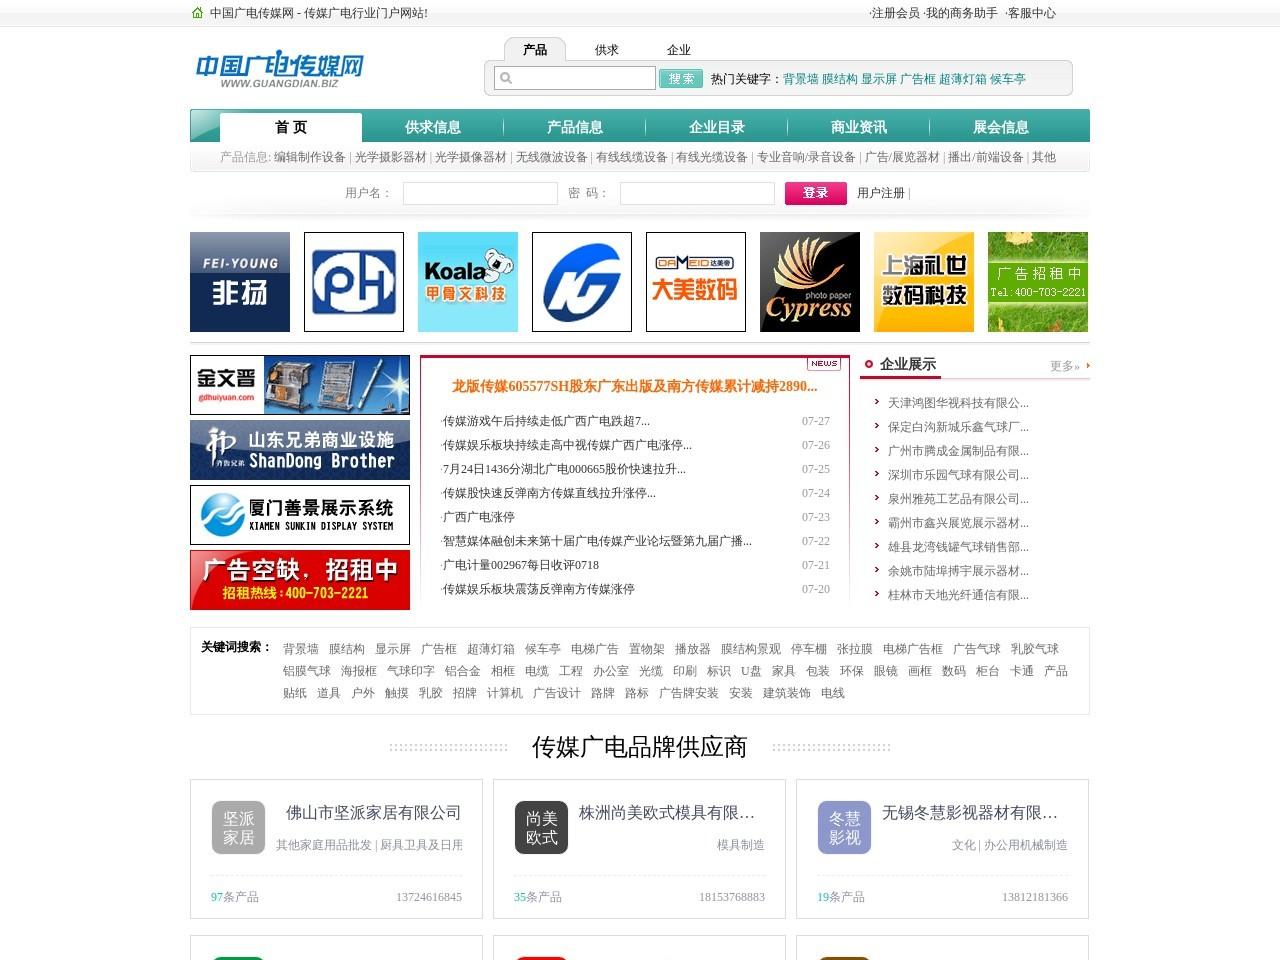 中国广电传媒网